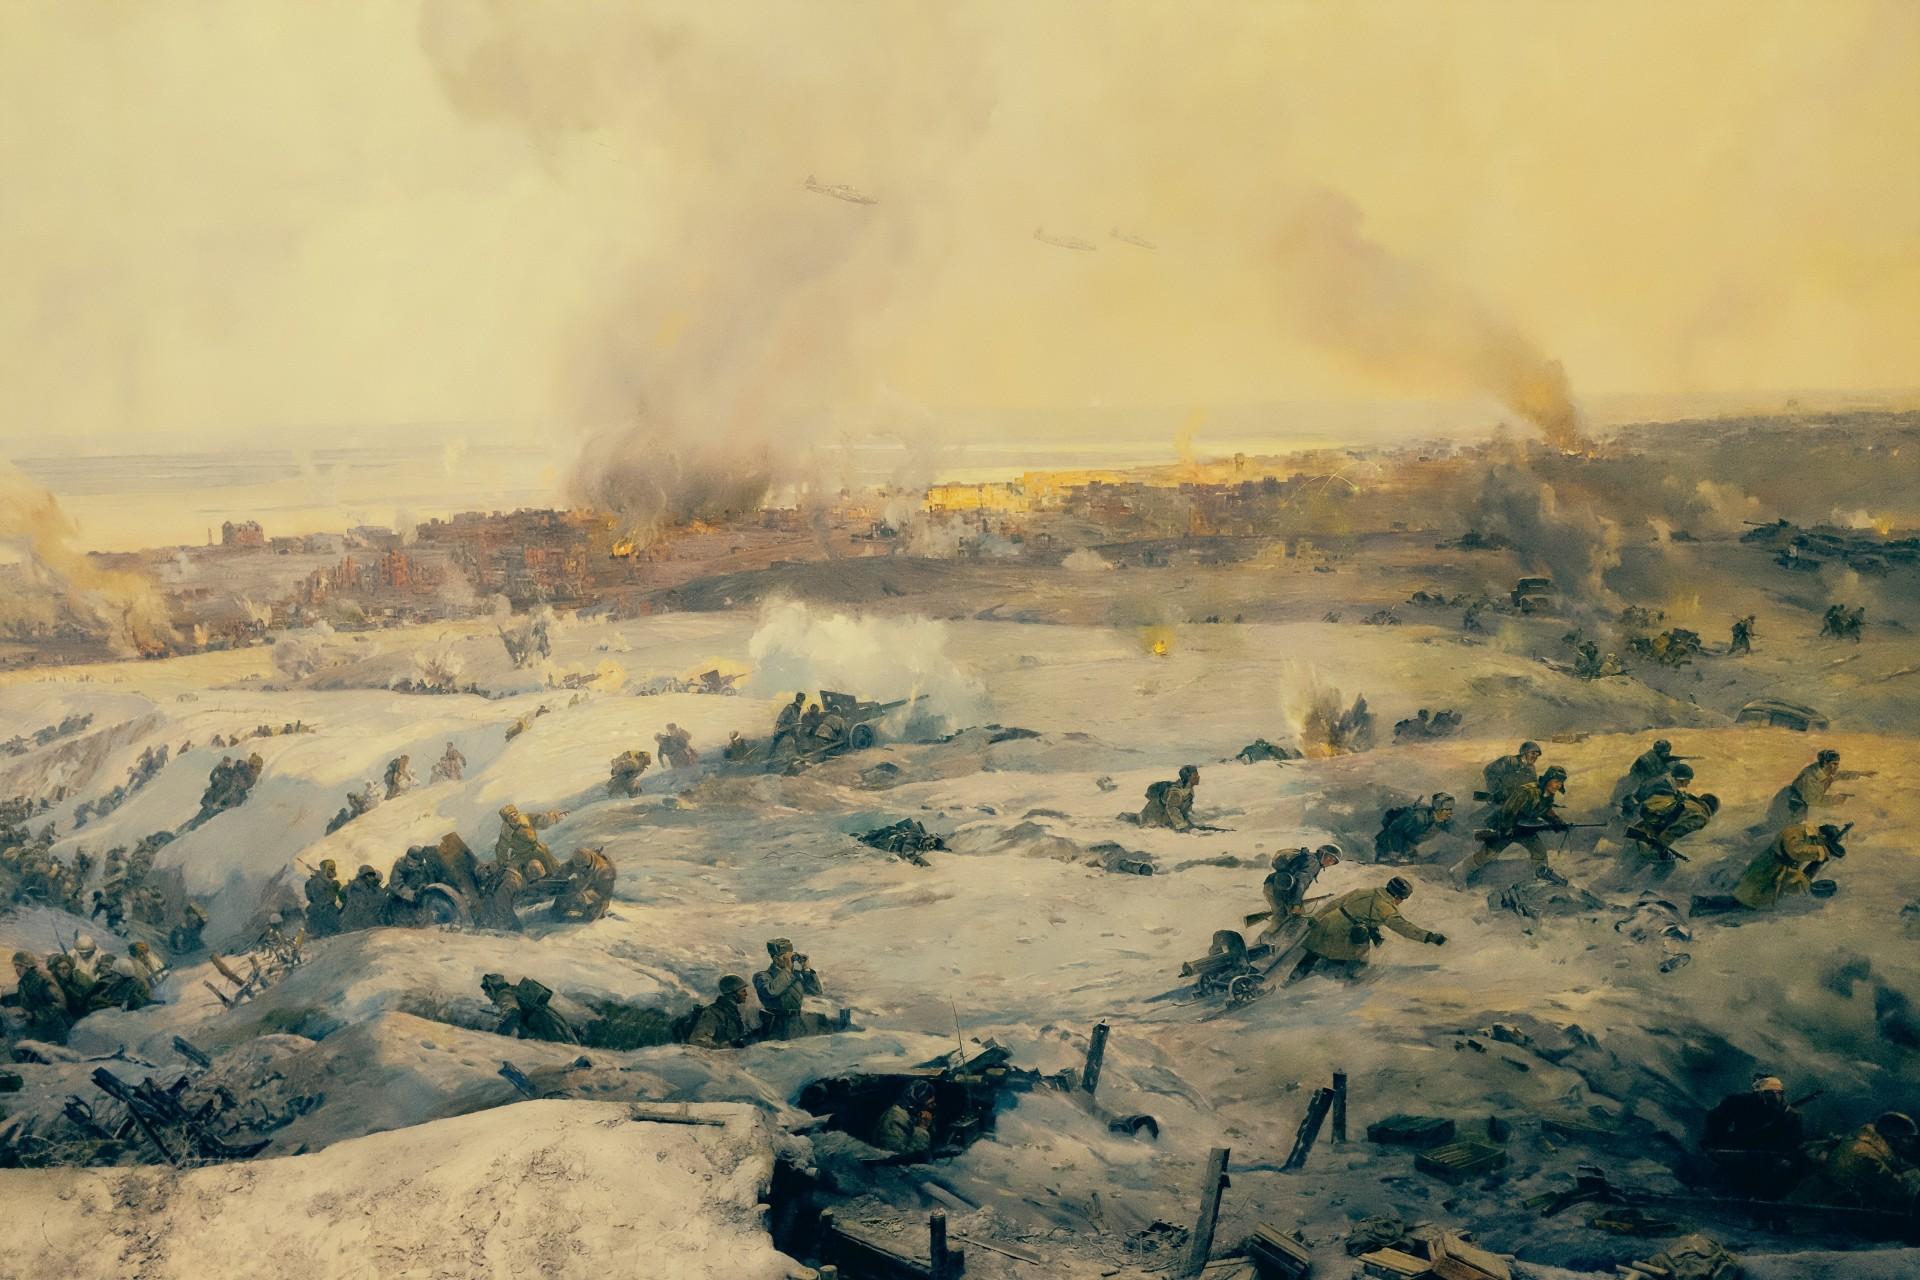 Картинки о сталинграде и сталинградской битве, днем россии